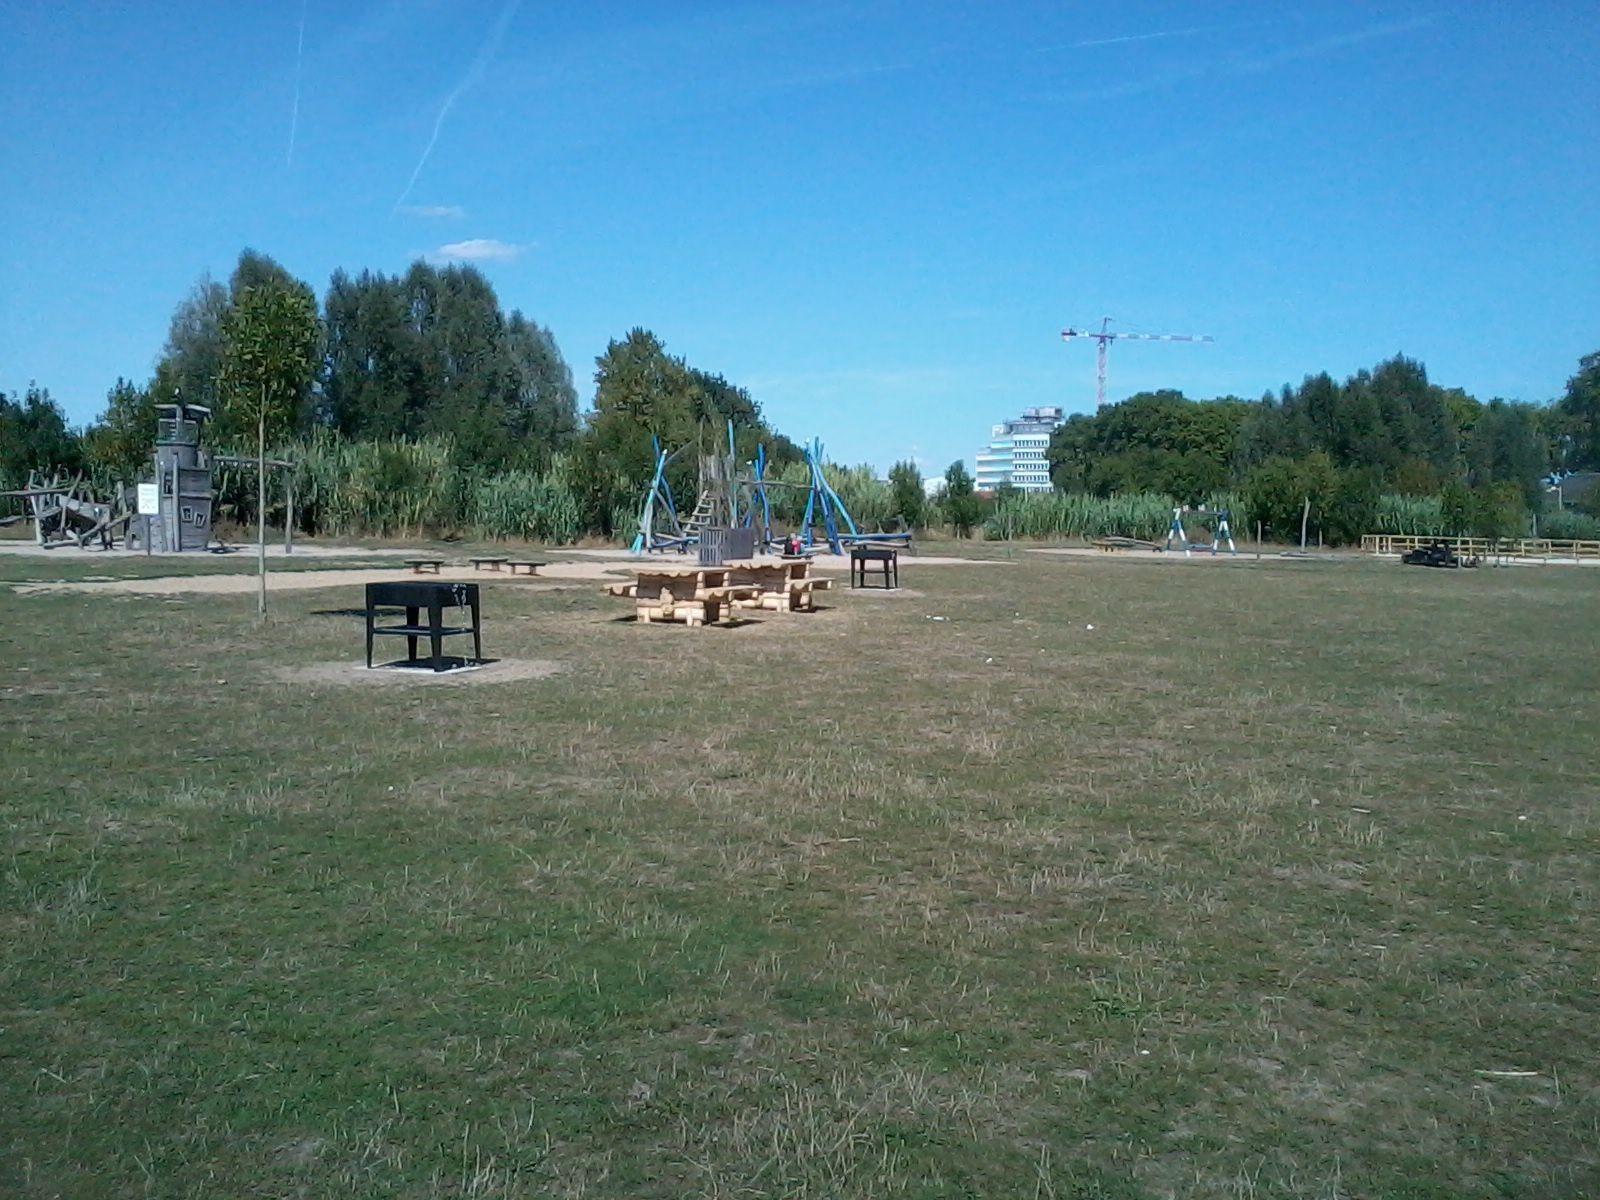 Deux tables bancs entre les barbecues, à côté des jeux d'enfants